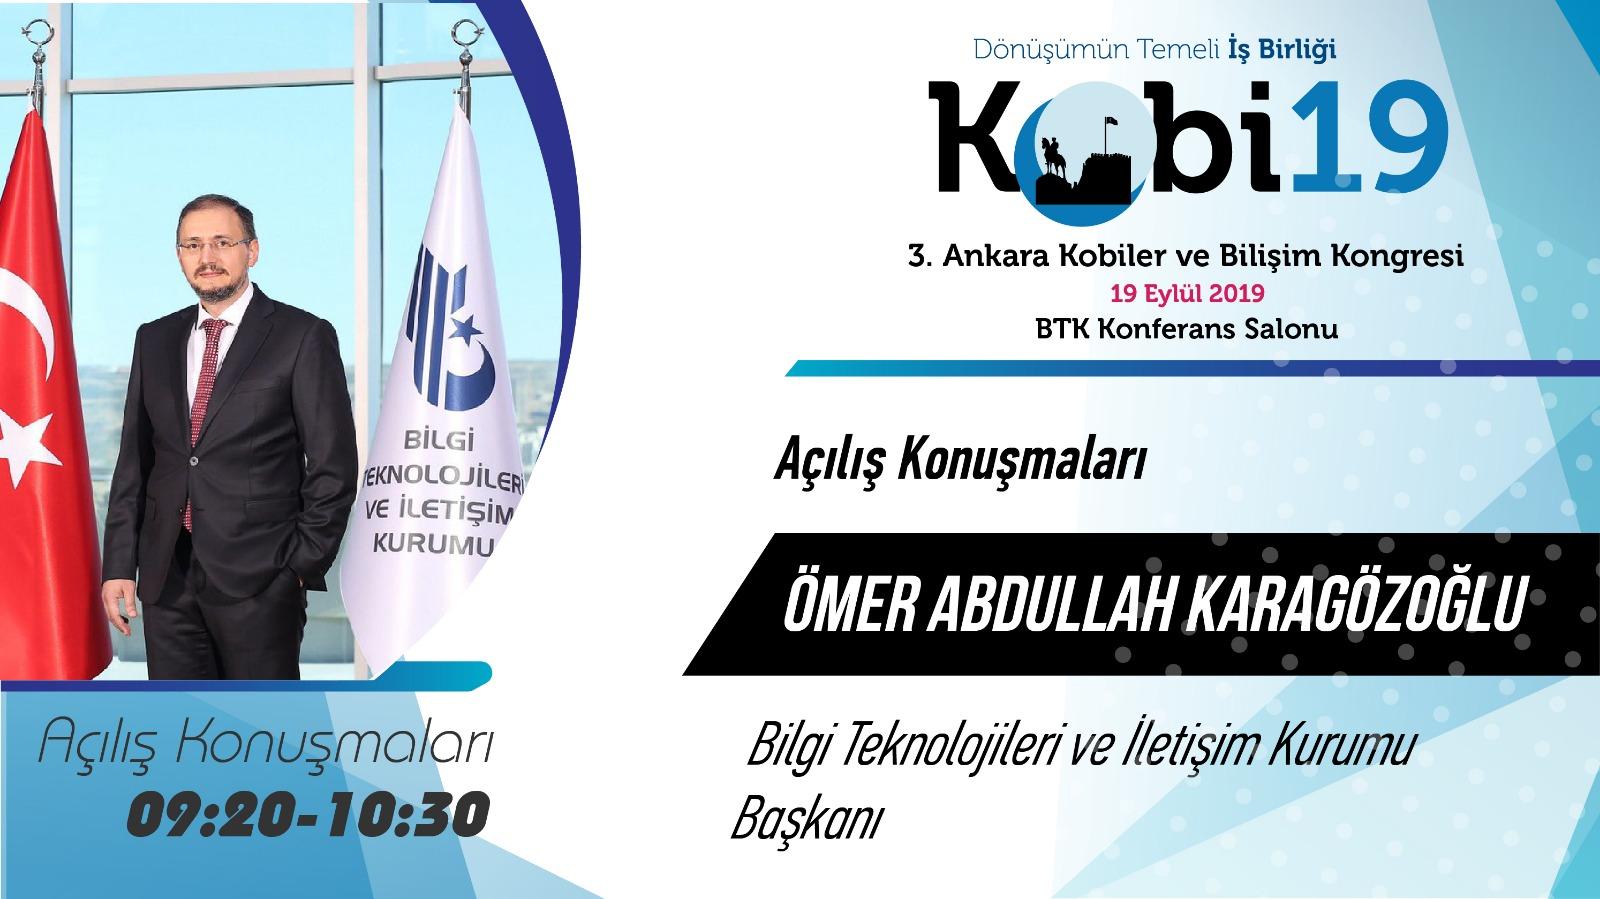 Ömer Abdullah KARAGÖZOĞLU - 3. Ankara Kobiler ve Bilişim Kongresi 2019